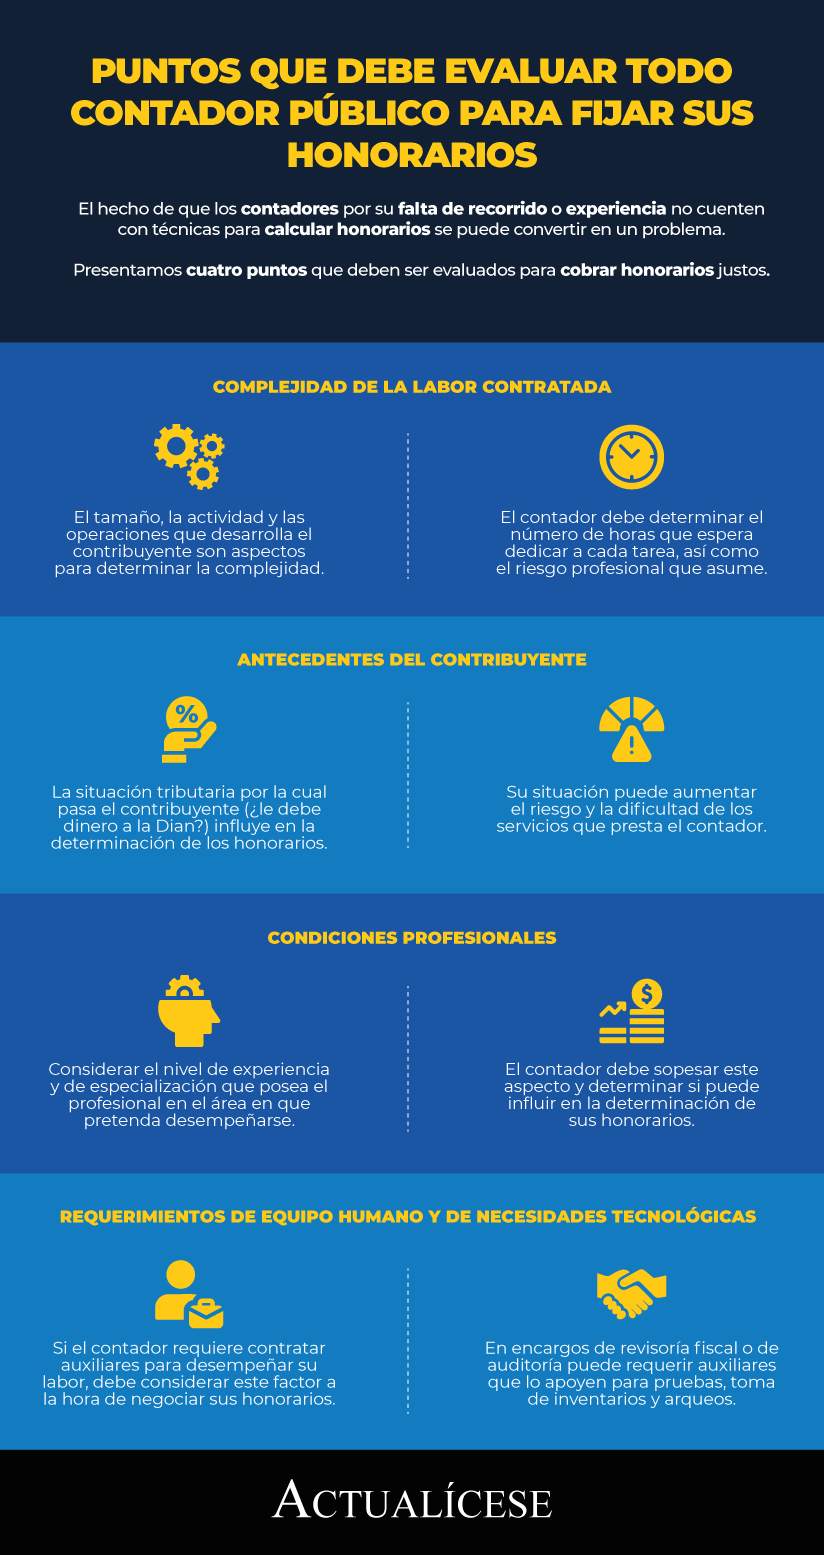 [Infografía] Puntos que debe evaluar todo contador público para fijar sus honorarios